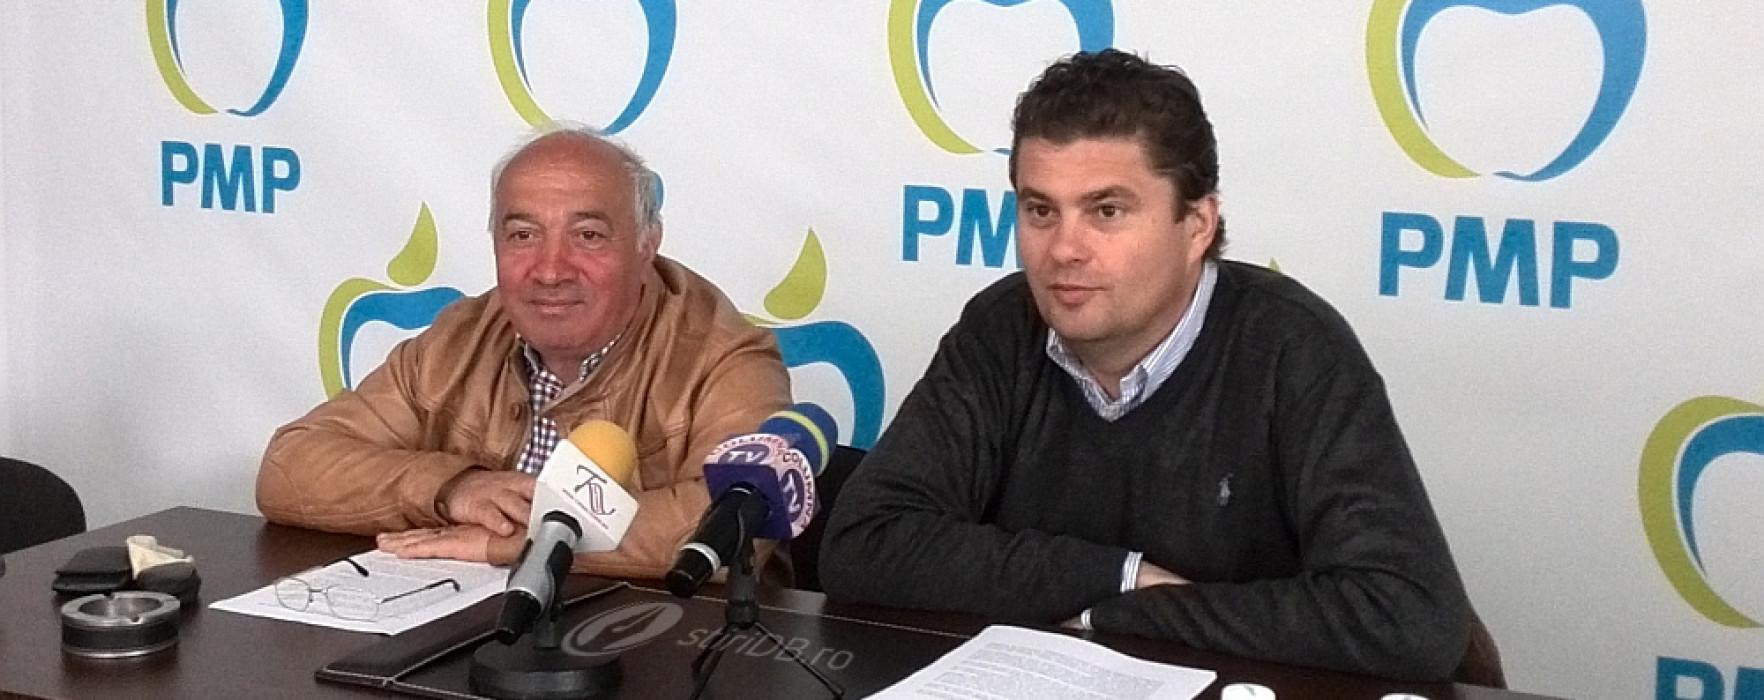 PDL Dâmboviţa: Florin Popescu şi Adrian Rădulescu de la PMP au datorii la PDL, vor fi acţionaţi în instanţă